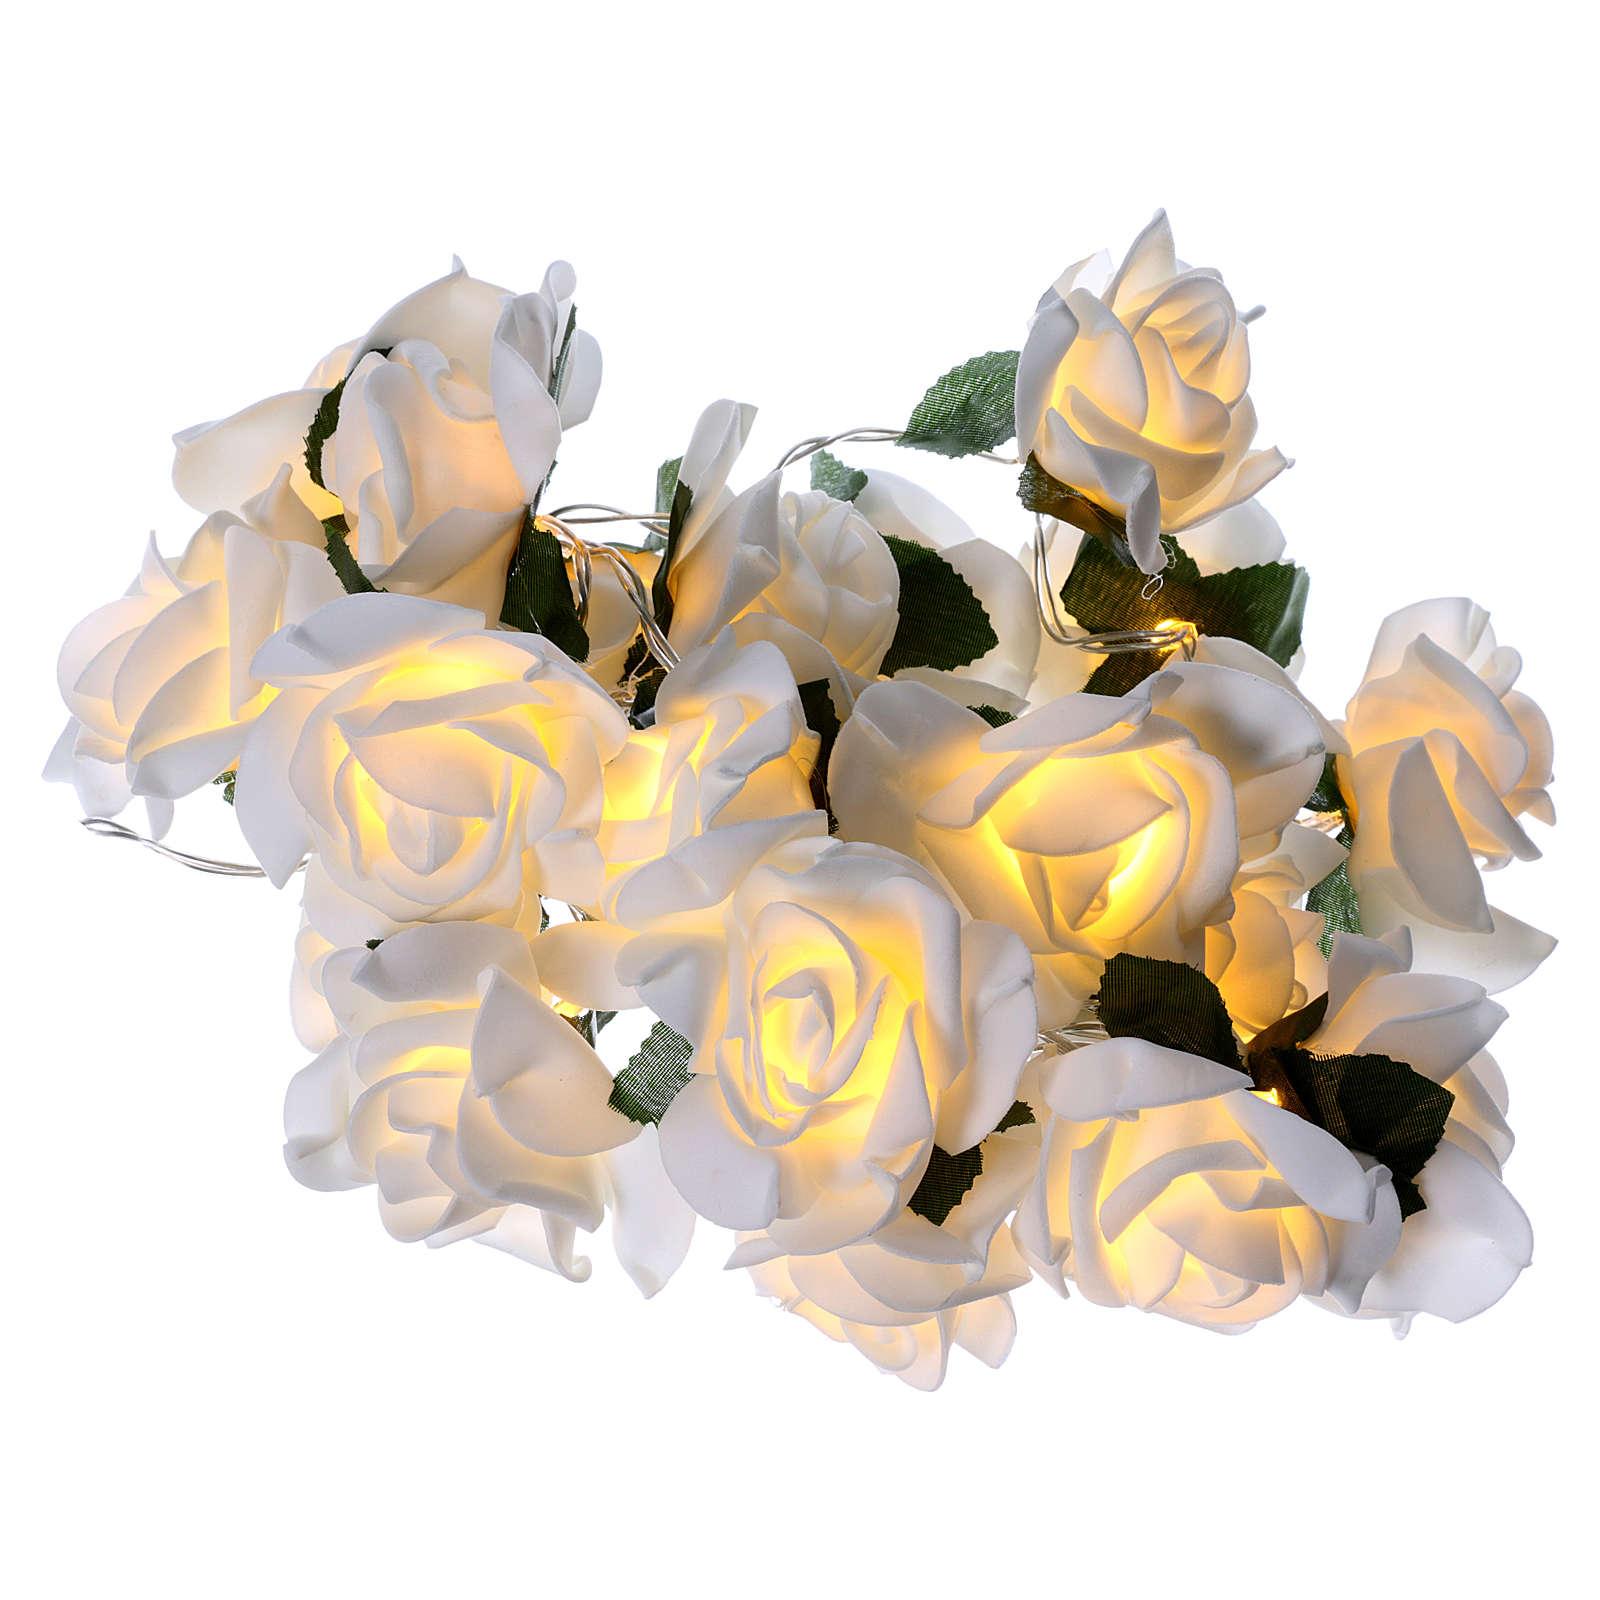 Cadena 20 led rosas blancas 3